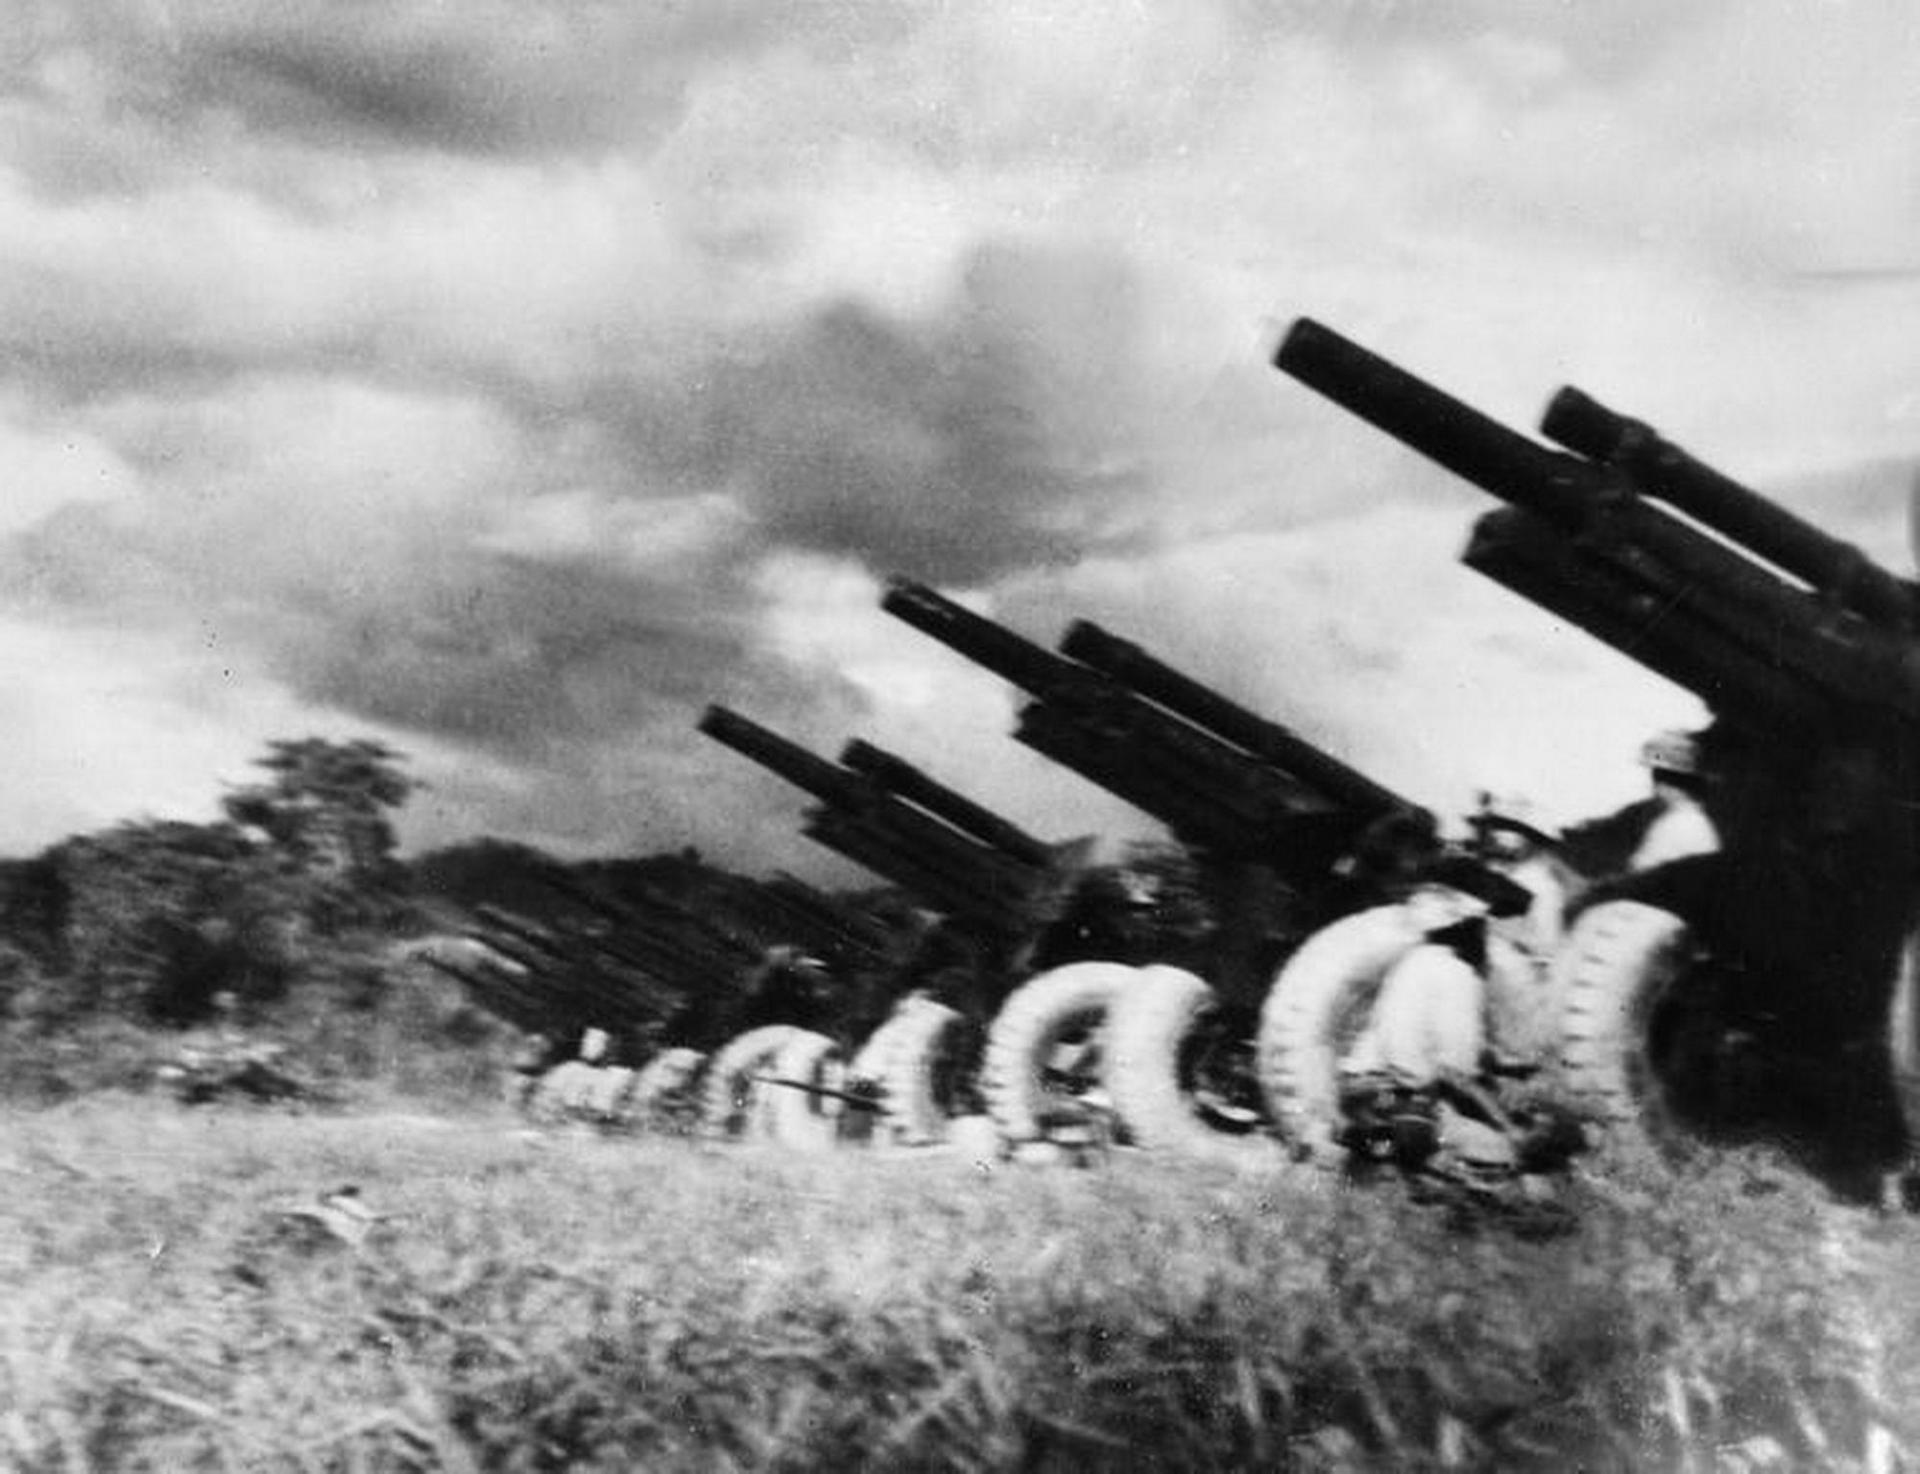 """Lực lượng pháo binh với sự có mặt của lựu pháo 105 mm bố trí xung quanh lòng chảo Điện Biên của ta đã tạo thành """"quả đấm thép"""" chi viện hỏa lực kịp thời, chính xác, áp chế địch, tạo cơ hội để bộ binh ta đánh các trận then chốt, quyết định, bóc dần Tập đoàn cứ điểm Điện Biên Phủ. Tuy còn non trẻ, nhưng pháo binh đã góp phần vô cùng quan trọng vào chiến thắng Điện Biên Phủ, đánh dấu sự trưởng thành vượt bậc của lực lượng pháo binh Việt Nam. (Ảnh: Tư liệu TTXVN)"""